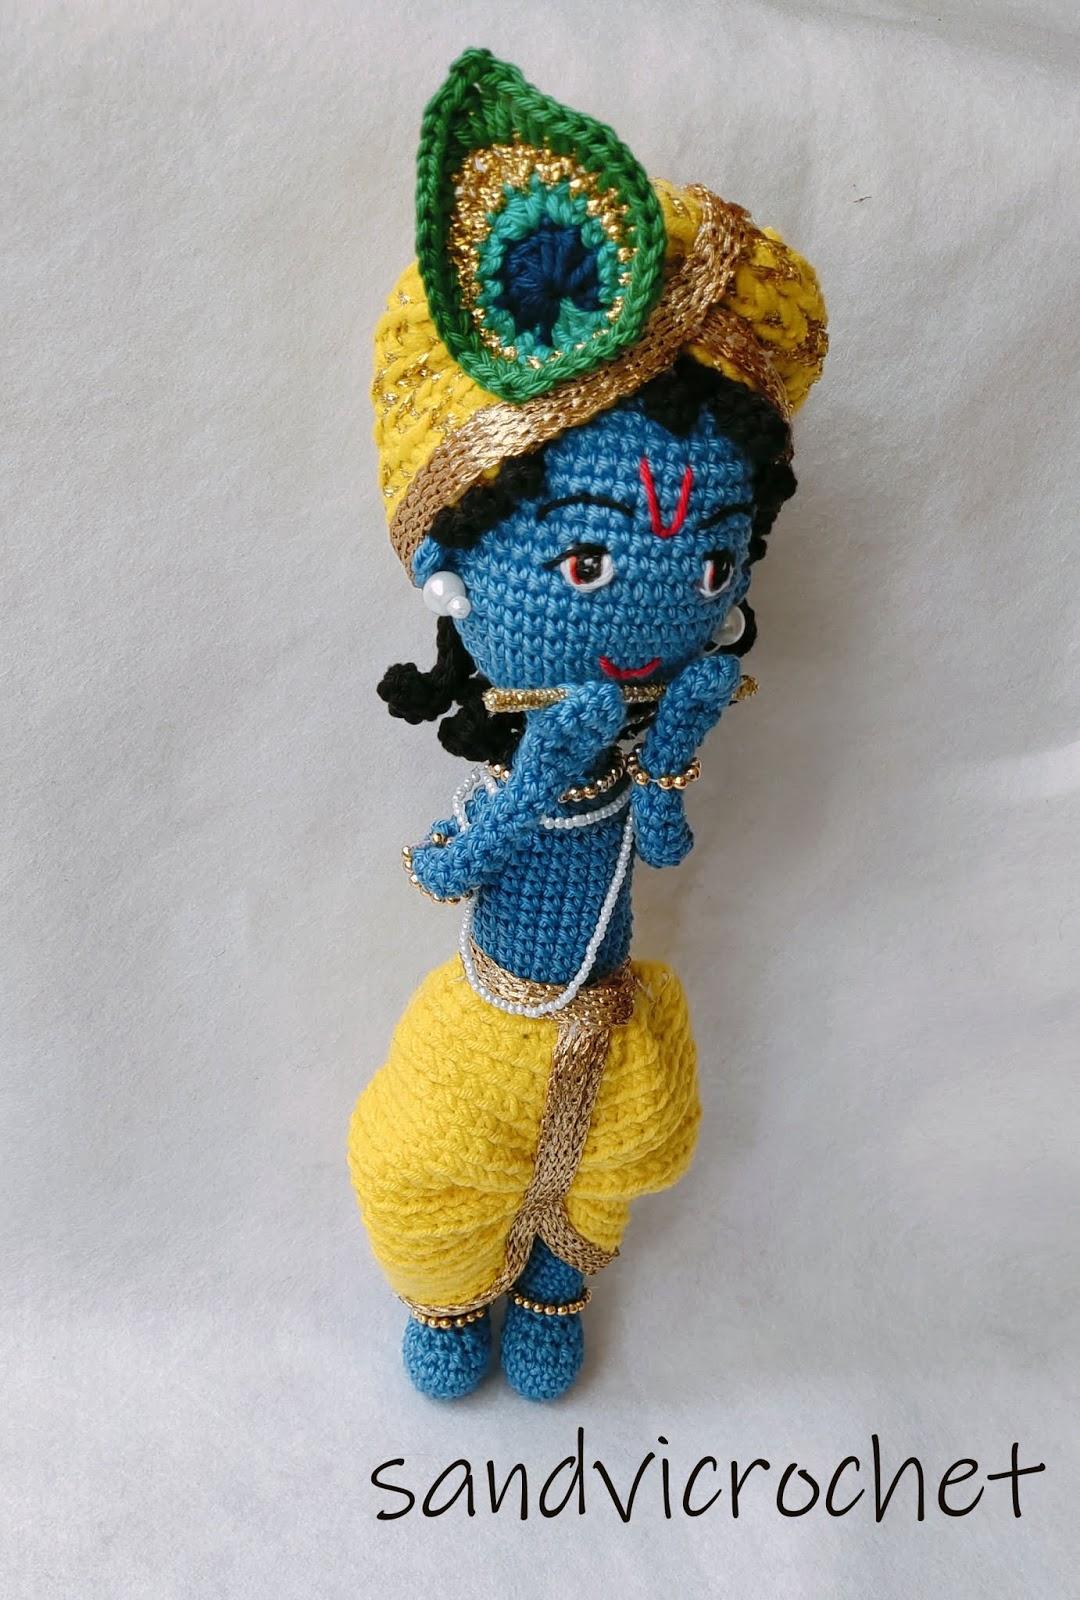 Pin on Ganesha Amigurumi | 1600x1080